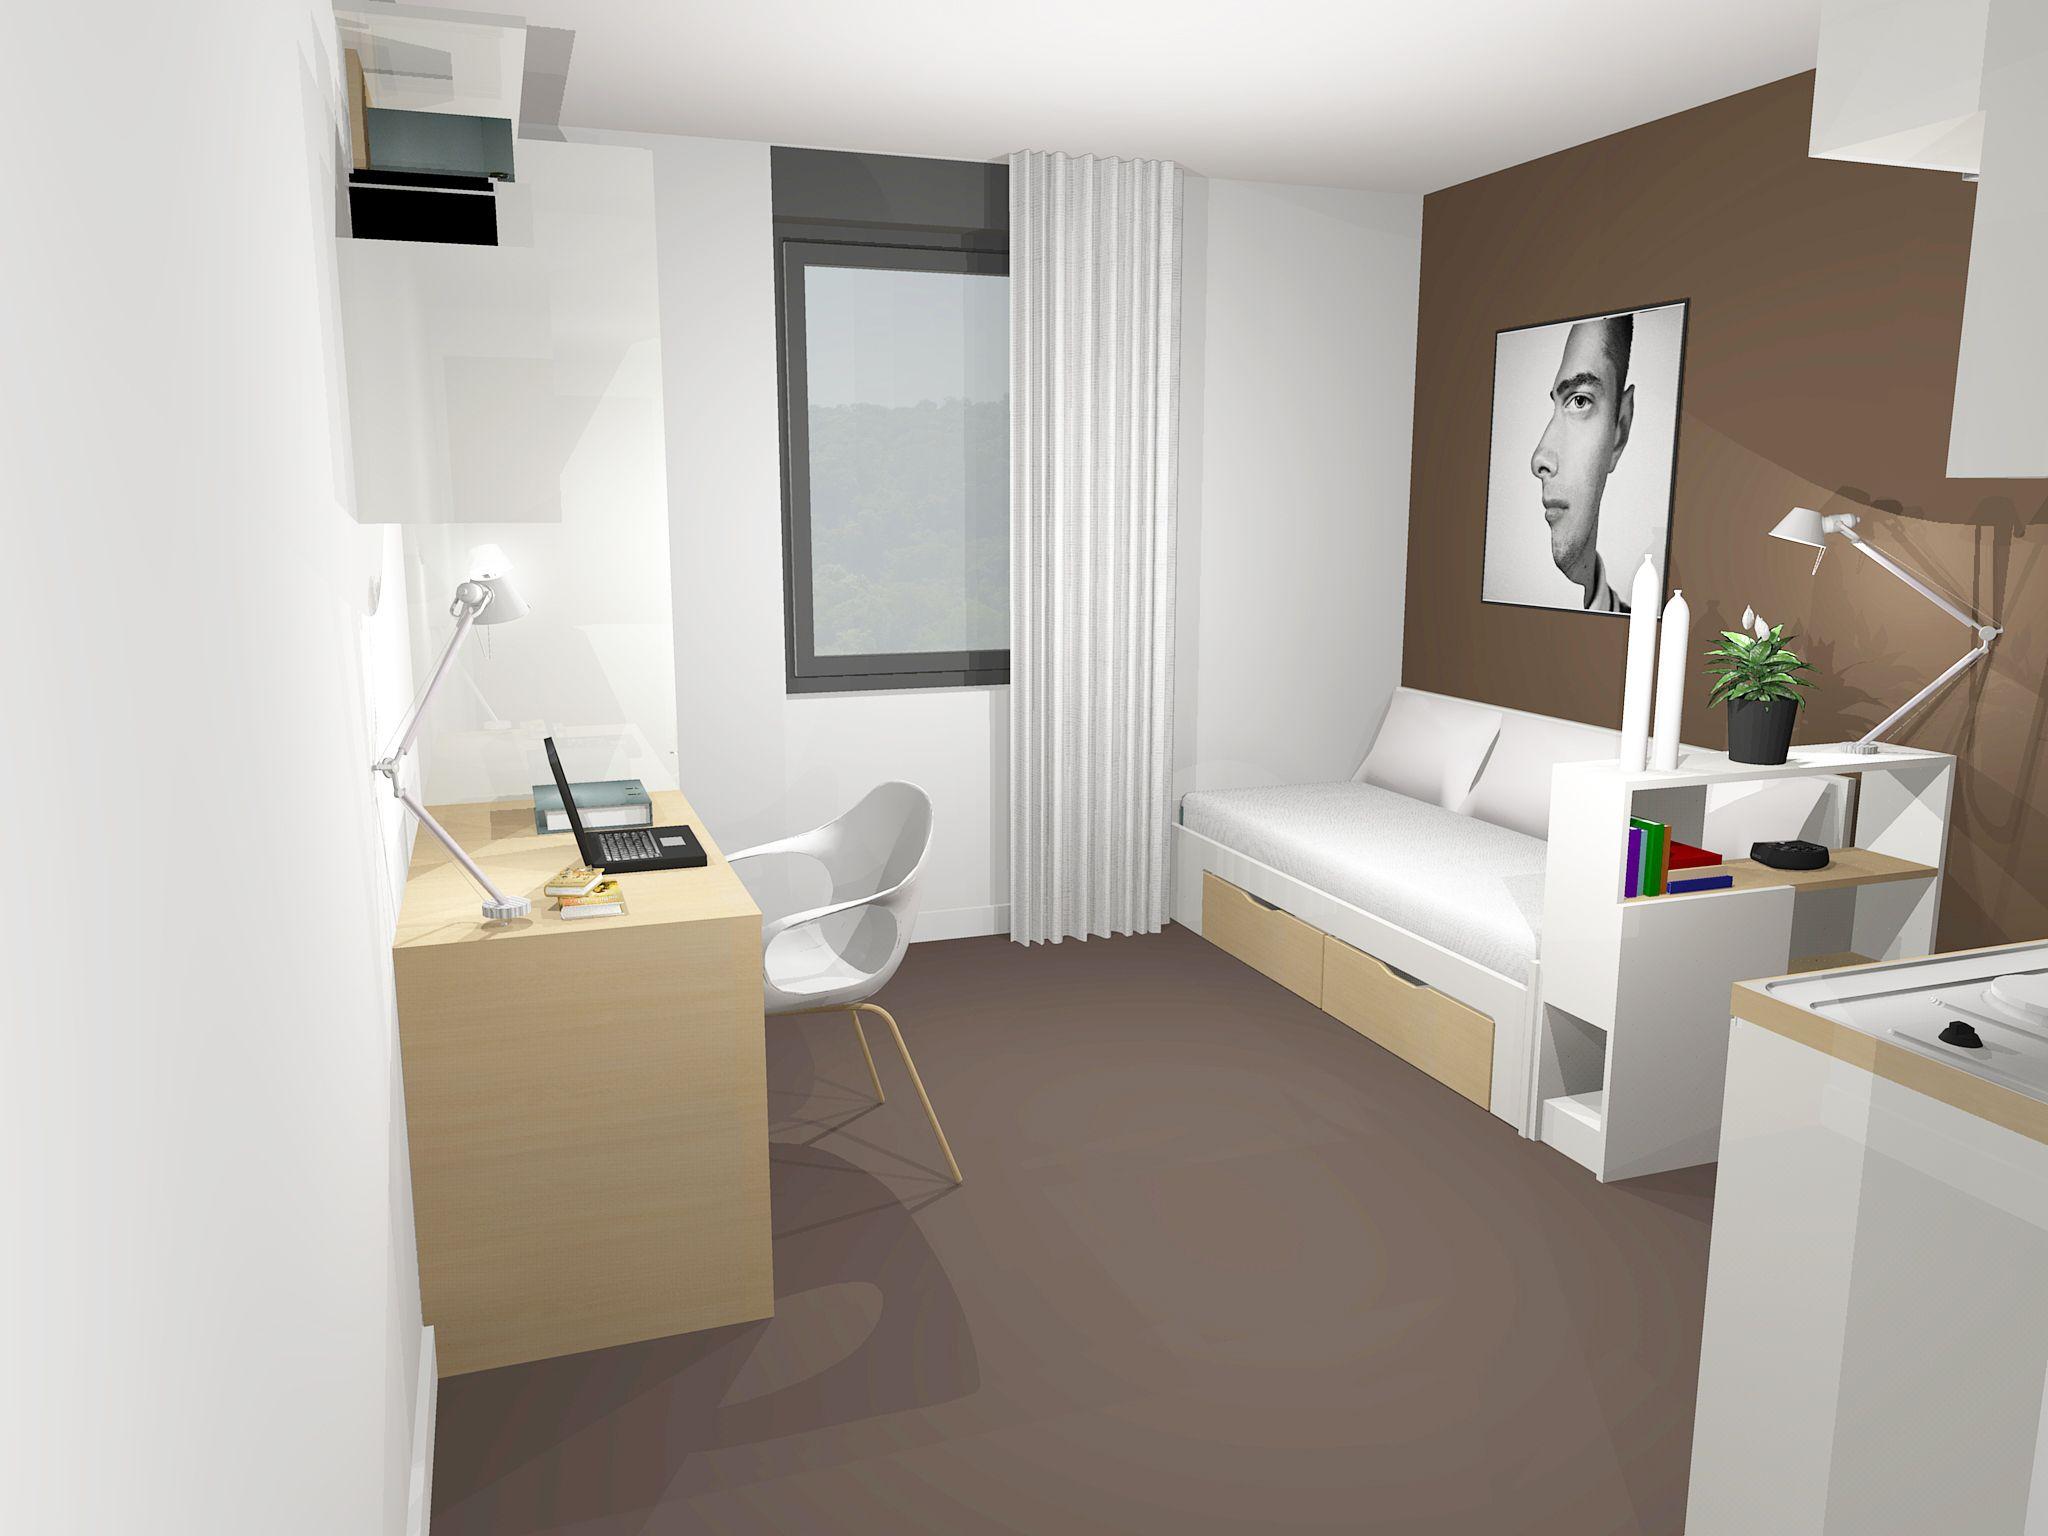 Maison universitaire internationale amitel logements - Logement etudiant strasbourg meuble ...